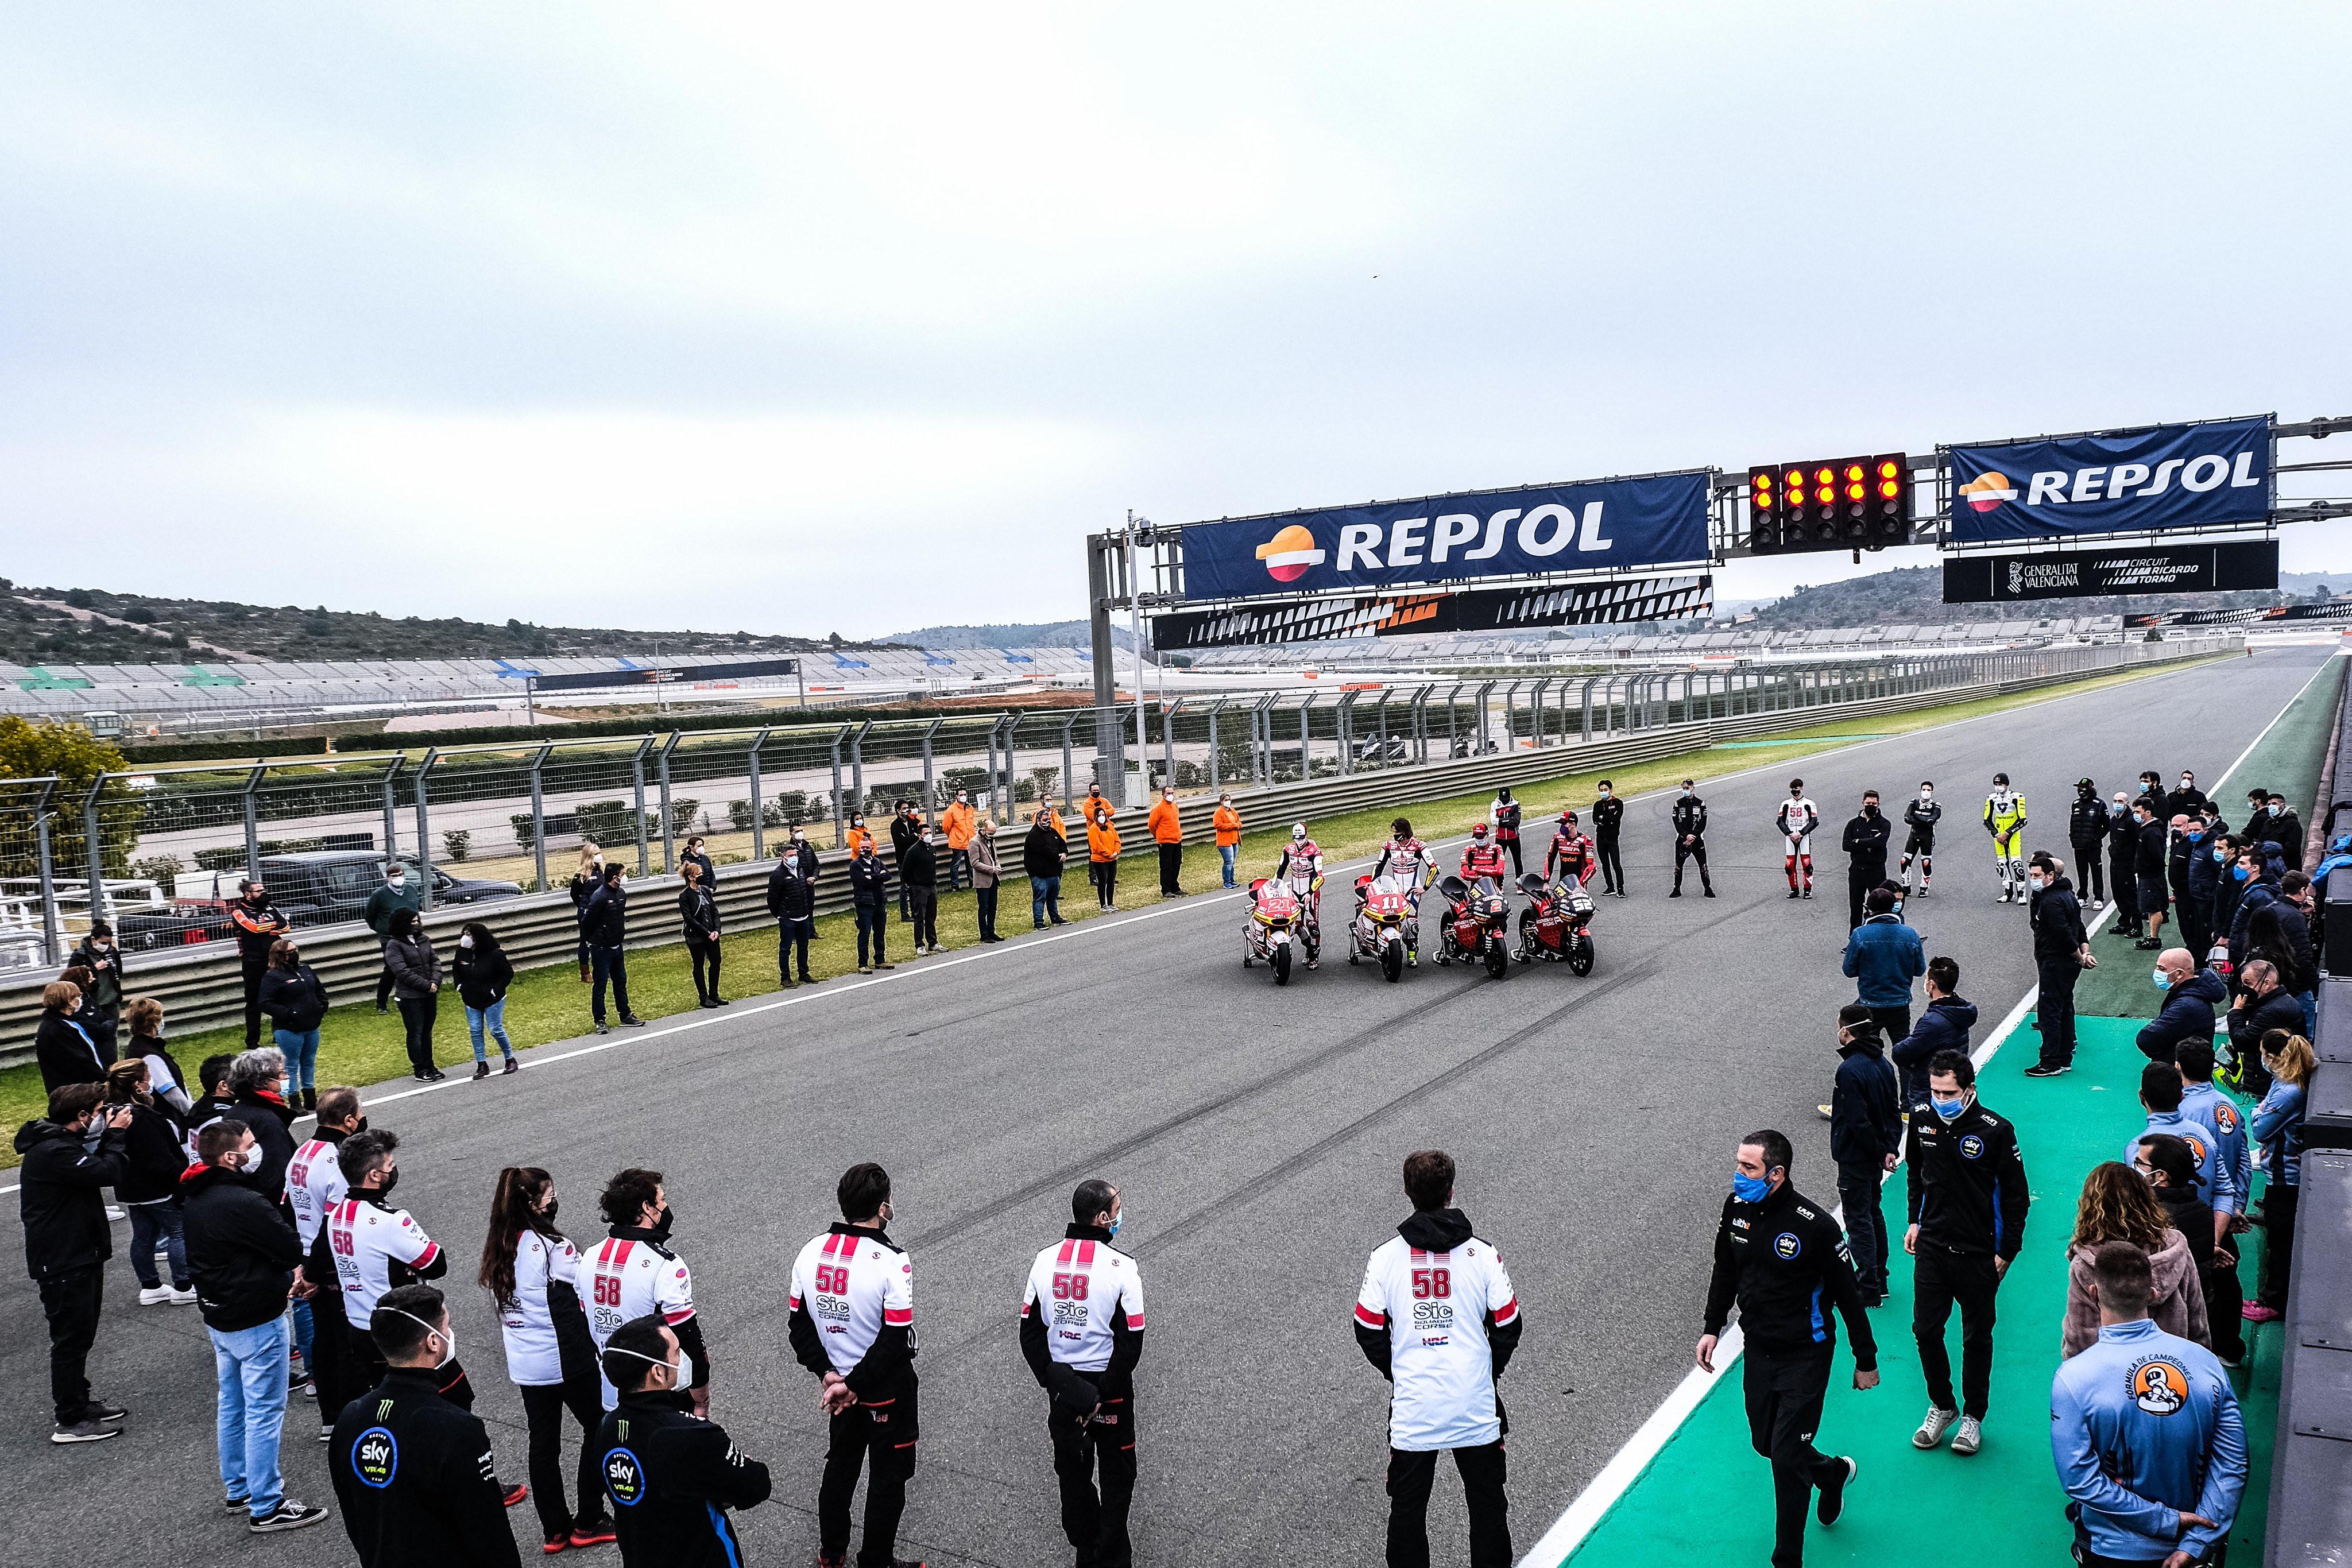 Il motomondiale rende omaggio a Fausto Gresini. In occasione dei test Moto2 e Moto3 a Valencia &egrave; stato osservato 1&#39; di silenzio in memoria dell&#39;ex pilota italiano e proprietario dell&#39;omonimo team che prende parte al campionato mondiale. I quattro piloti del team Gresini si sono messi a centro pista circondati da colleghi e addetti ai lavori, tutti in rigoroso silenzio.<br /><br />